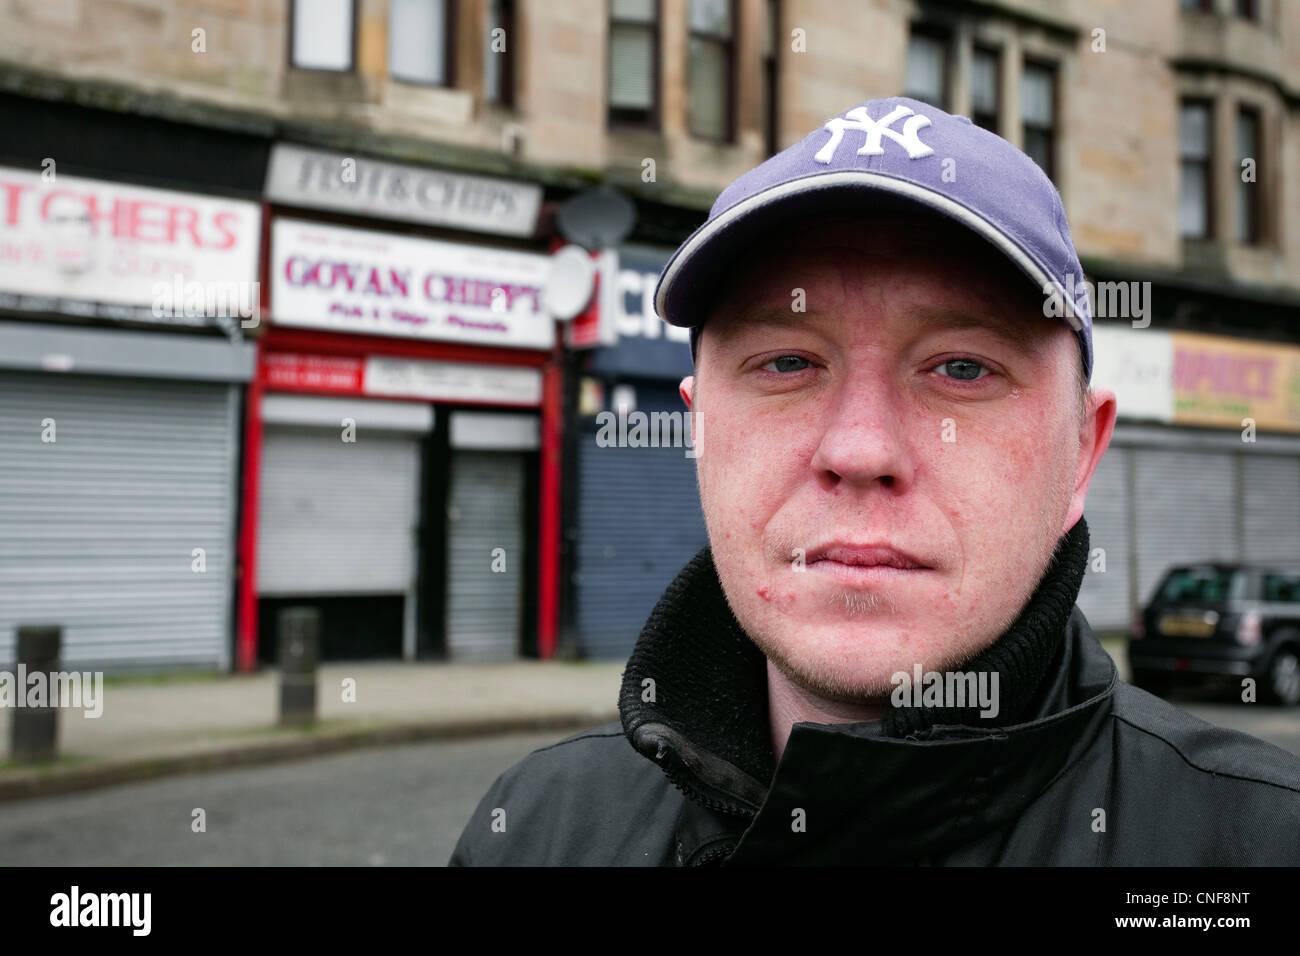 Jeune homme au chômage dans la rue Shaw, Govan, Glasgow, Ecosse Photo Stock